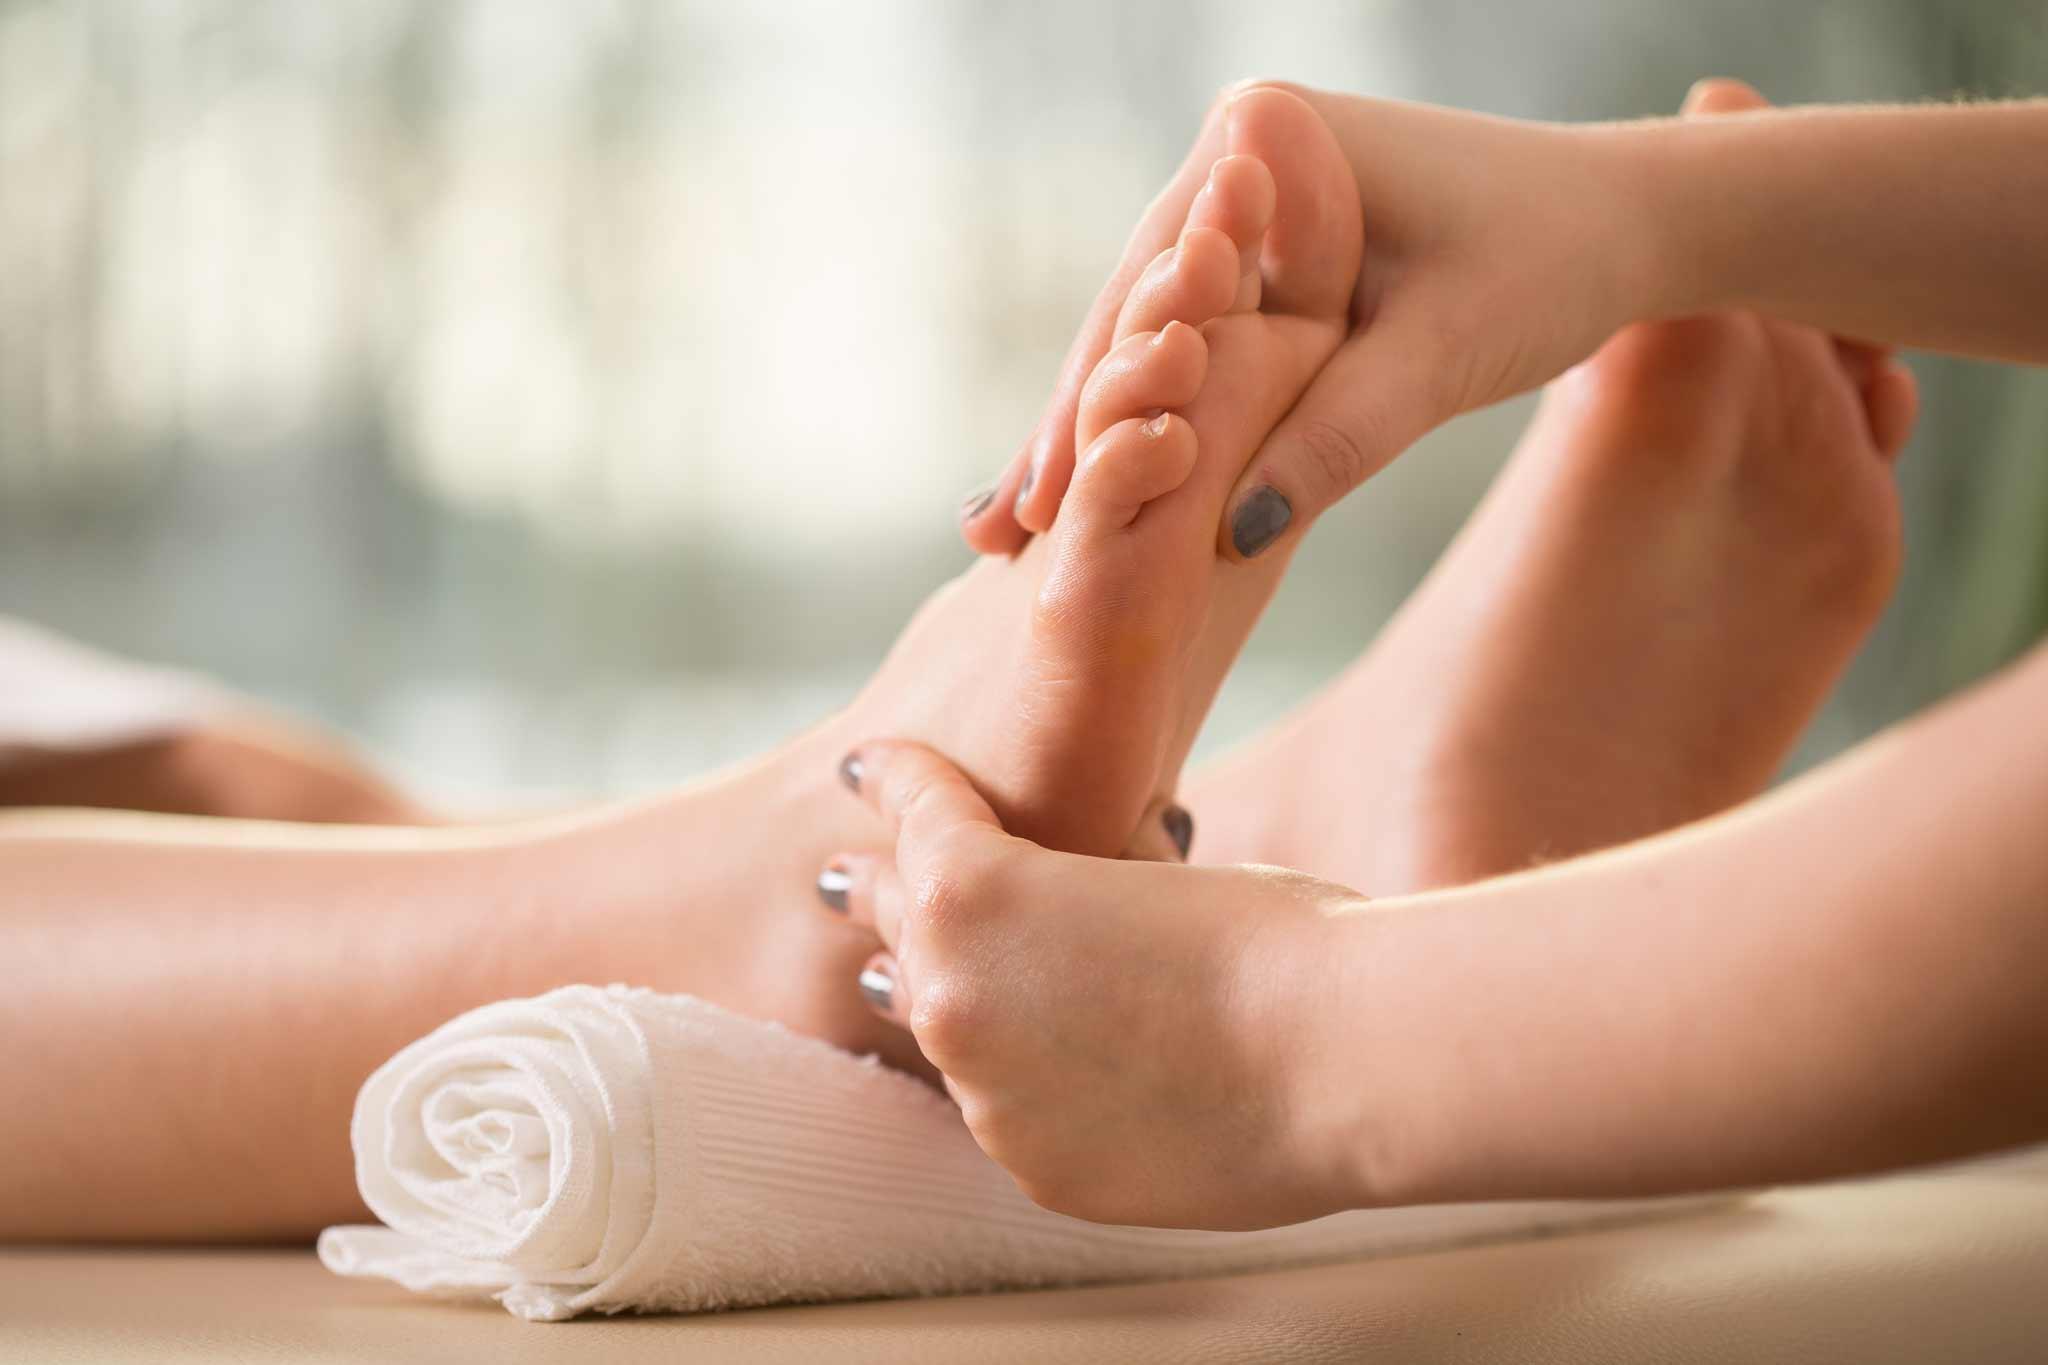 lingam massage rotterdam goedkoop escort